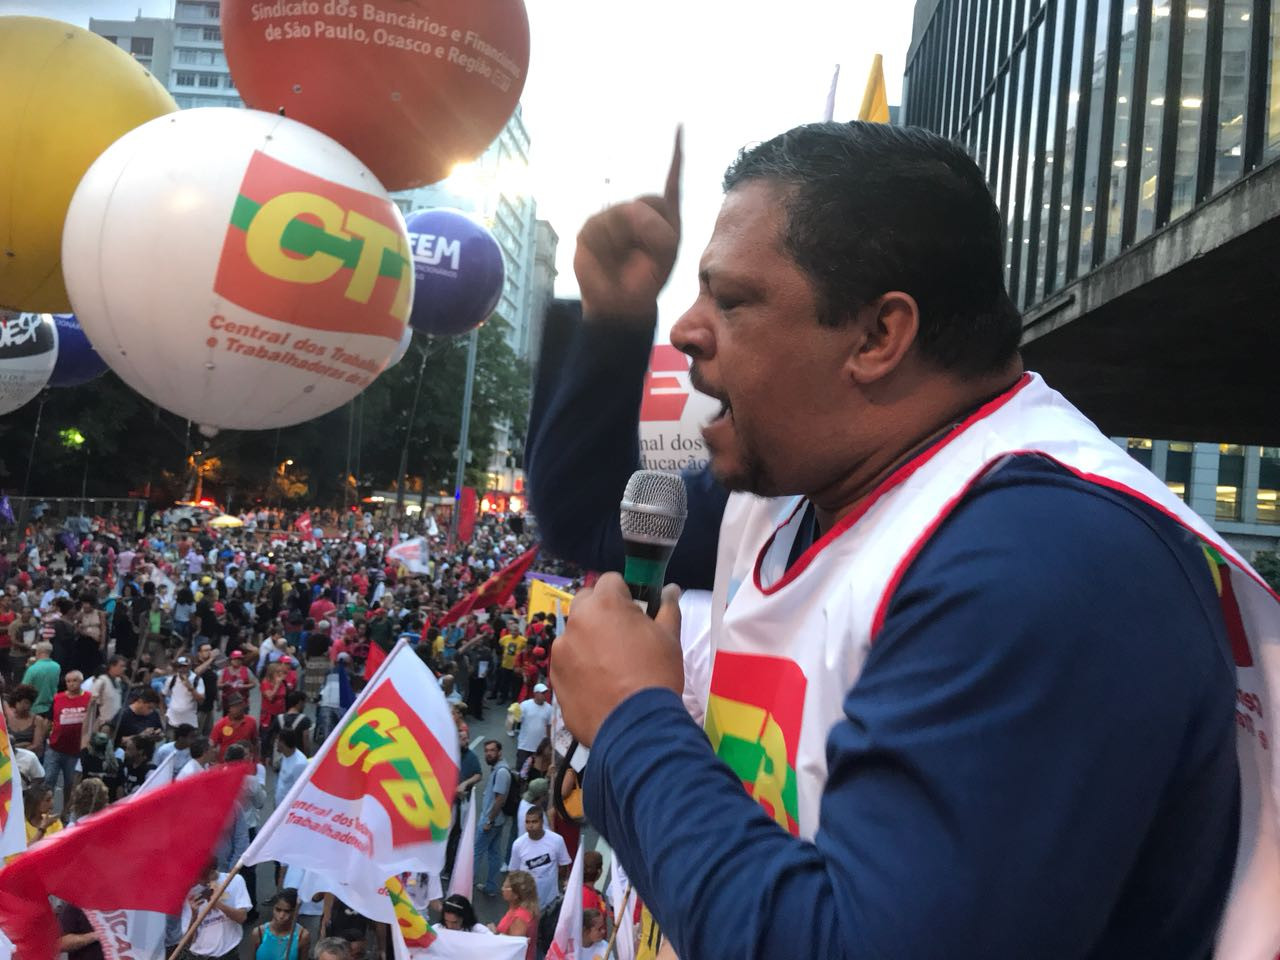 CTB rejeita corte de salários proposto pelo governo Bolsonaro